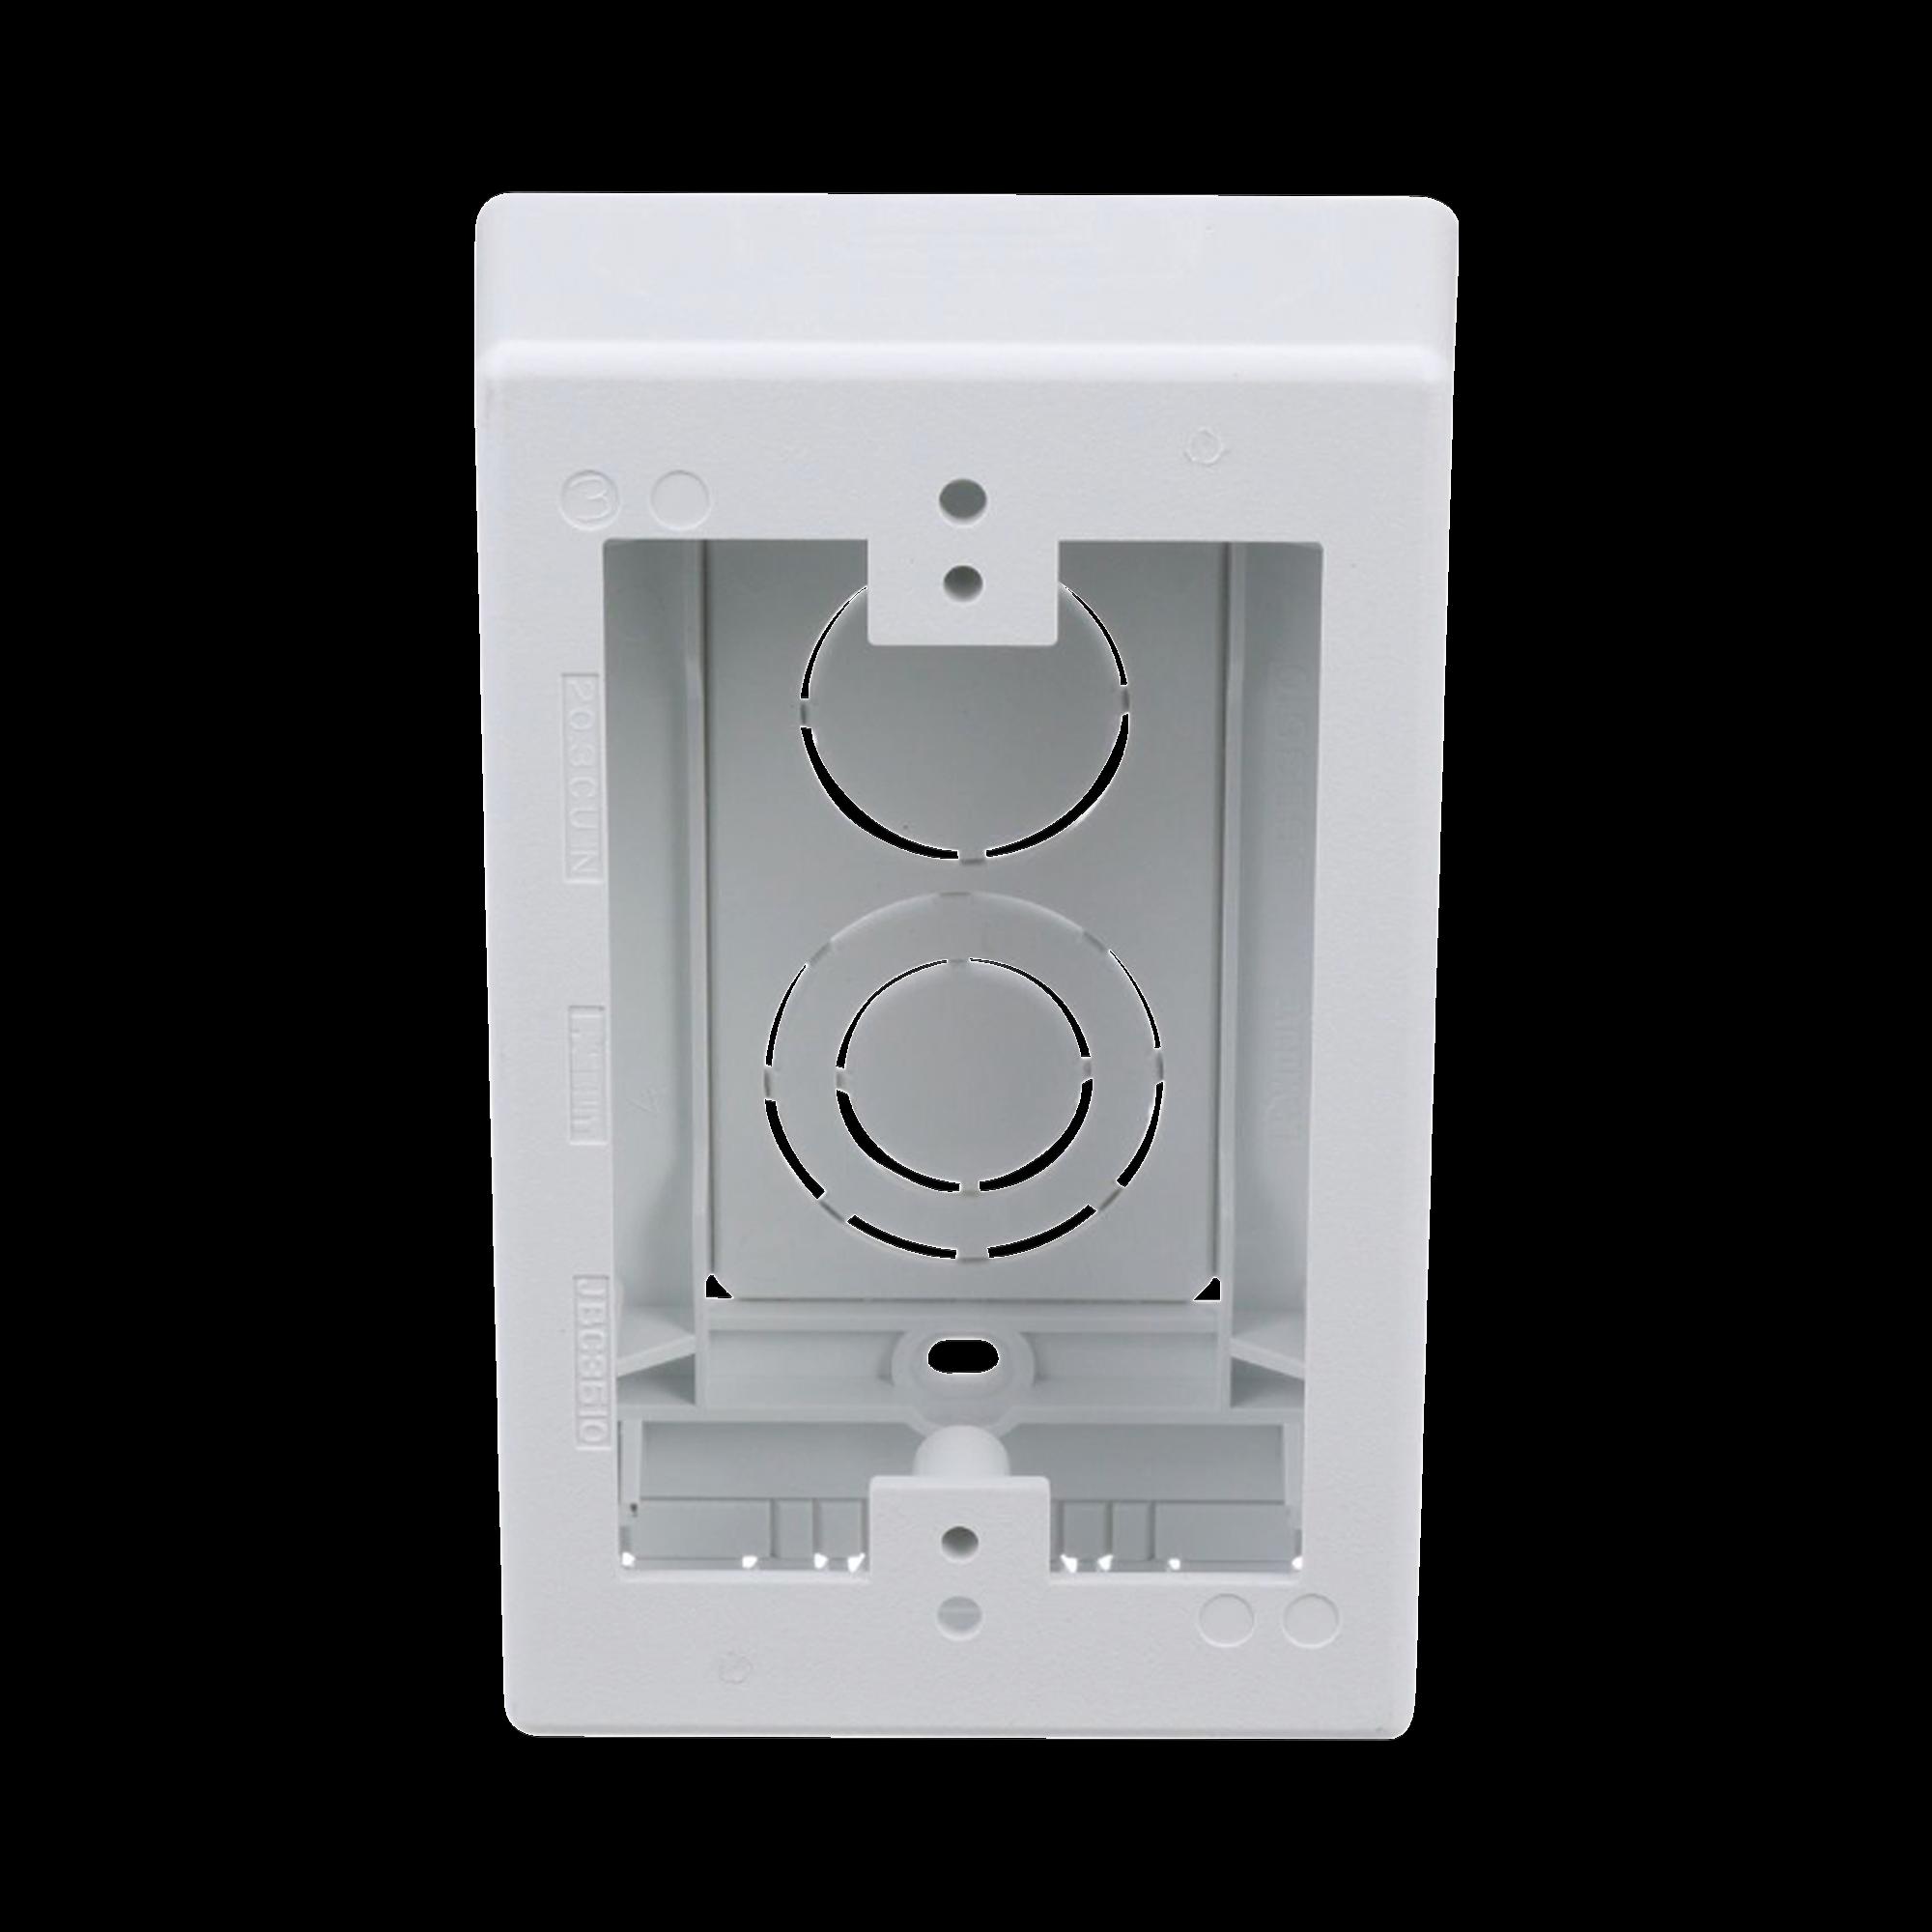 Caja de Pared Superficial, uso Universal con Placas de Pared, Con Cinta Adhesiva, Color Blanco